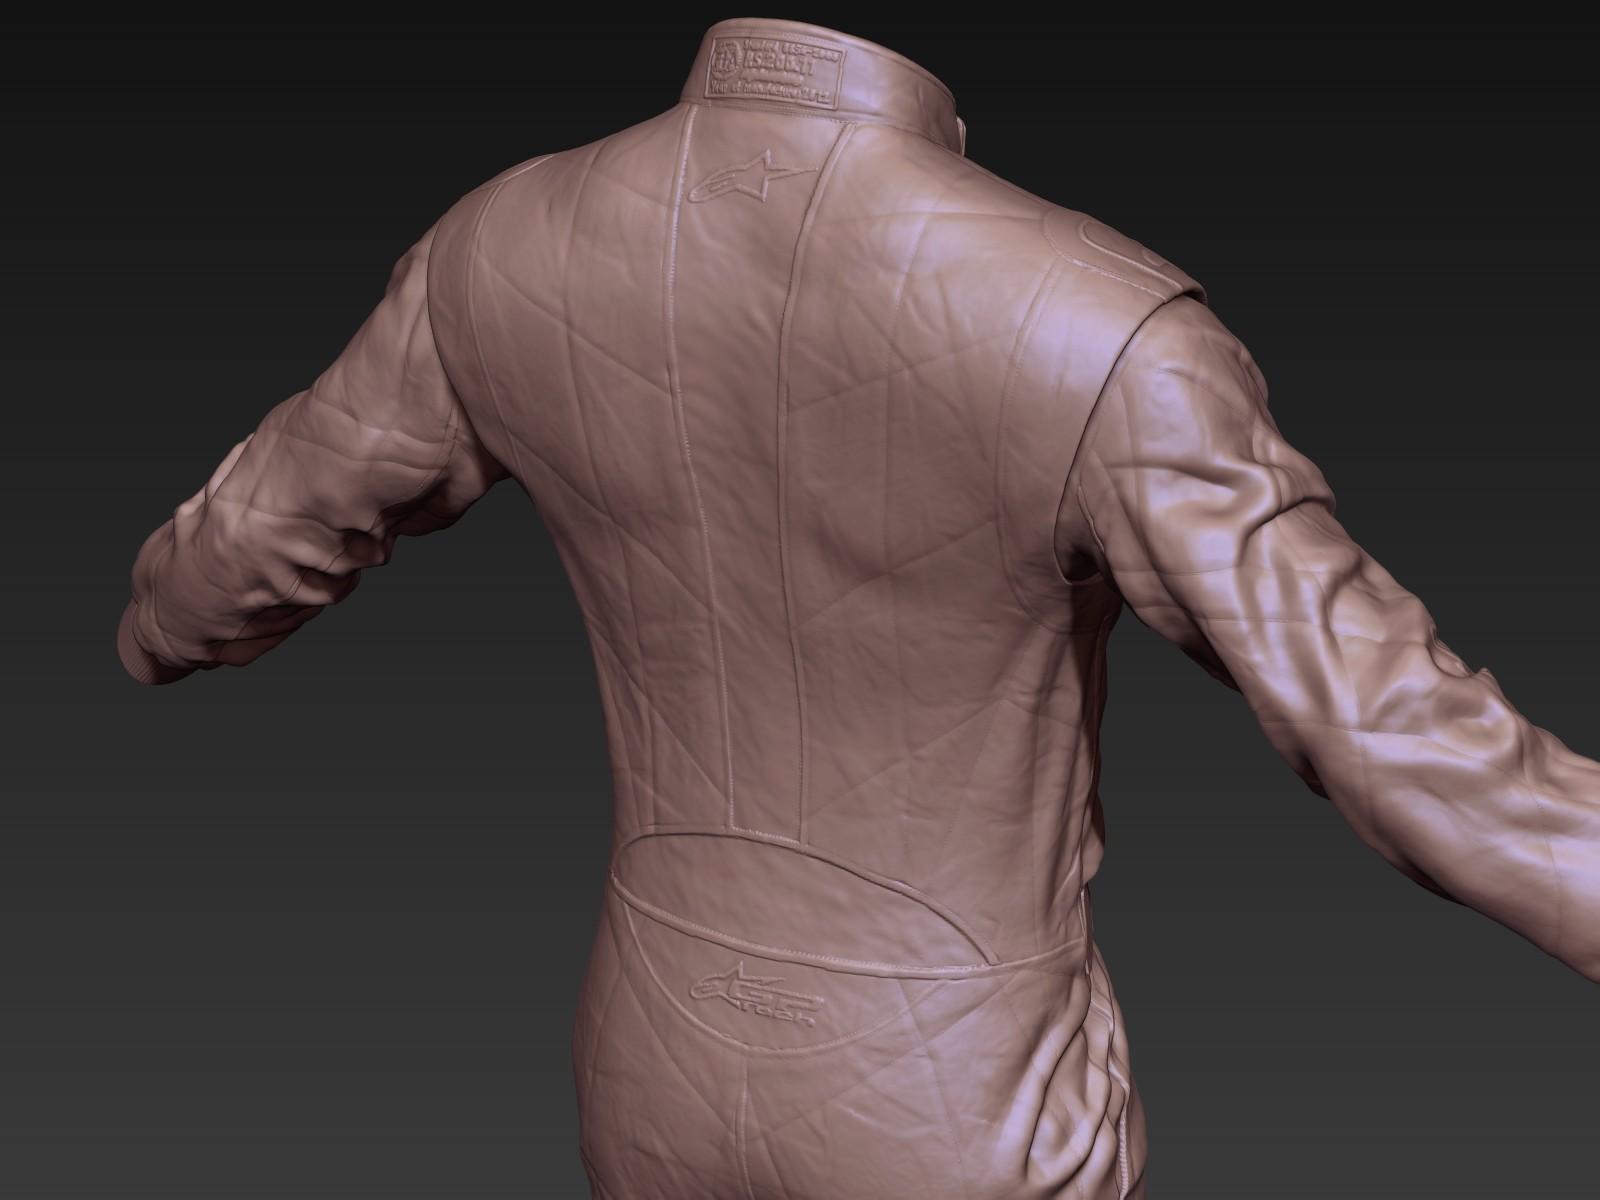 Toby hynes as suit sculpt detail 02